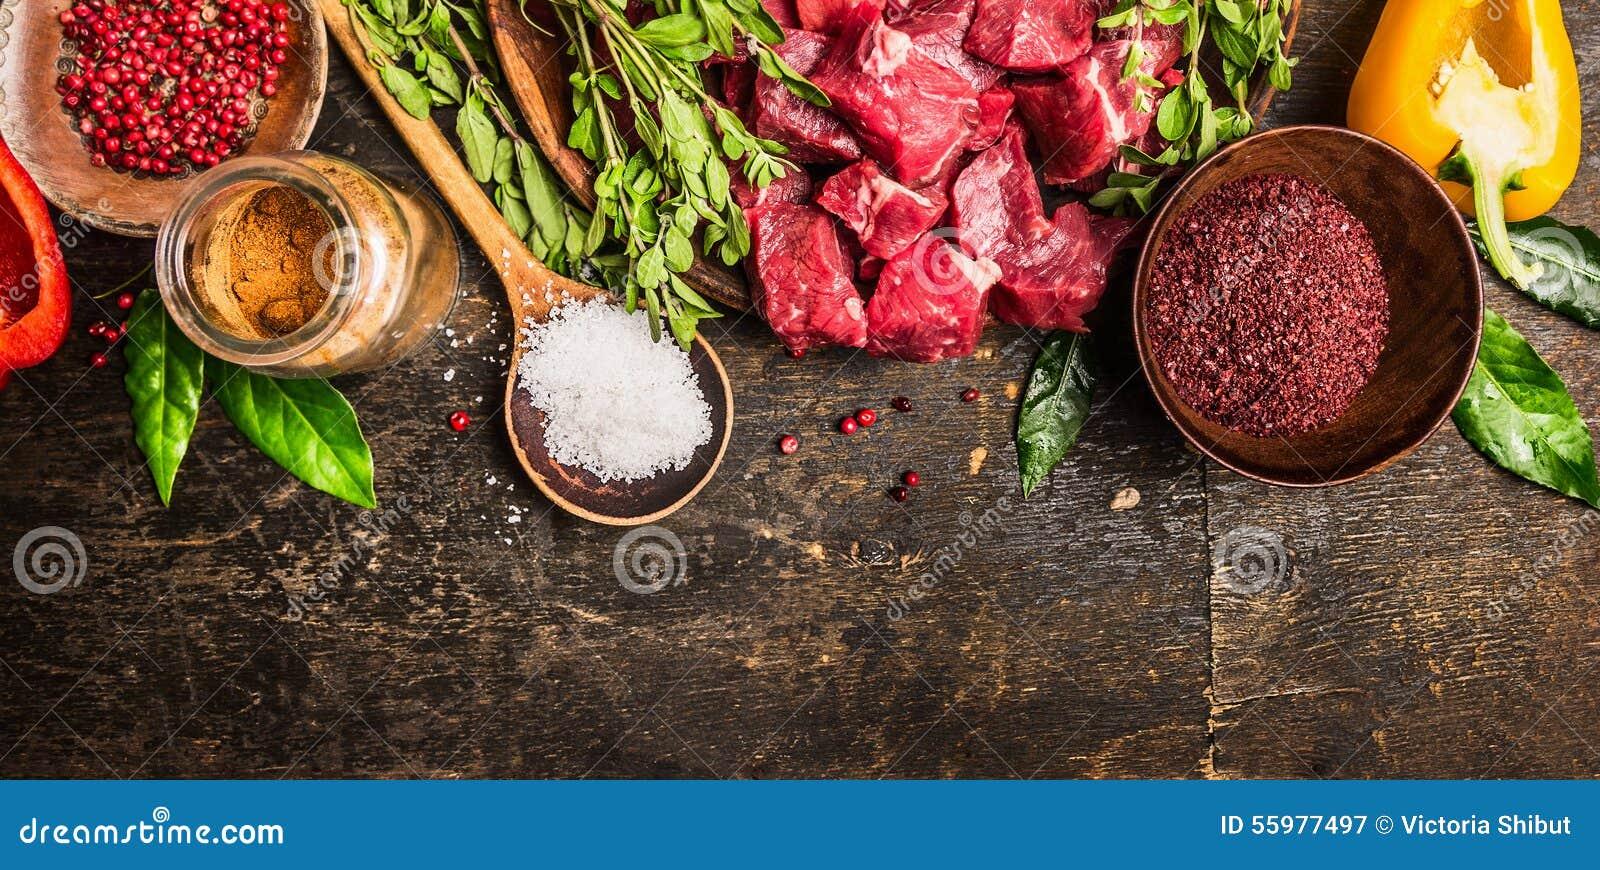 Συστατικά για goulash ή stew που μαγειρεύει: ακατέργαστα κρέας, χορτάρια, καρυκεύματα, λαχανικά και κουτάλι του άλατος στο αγροτι